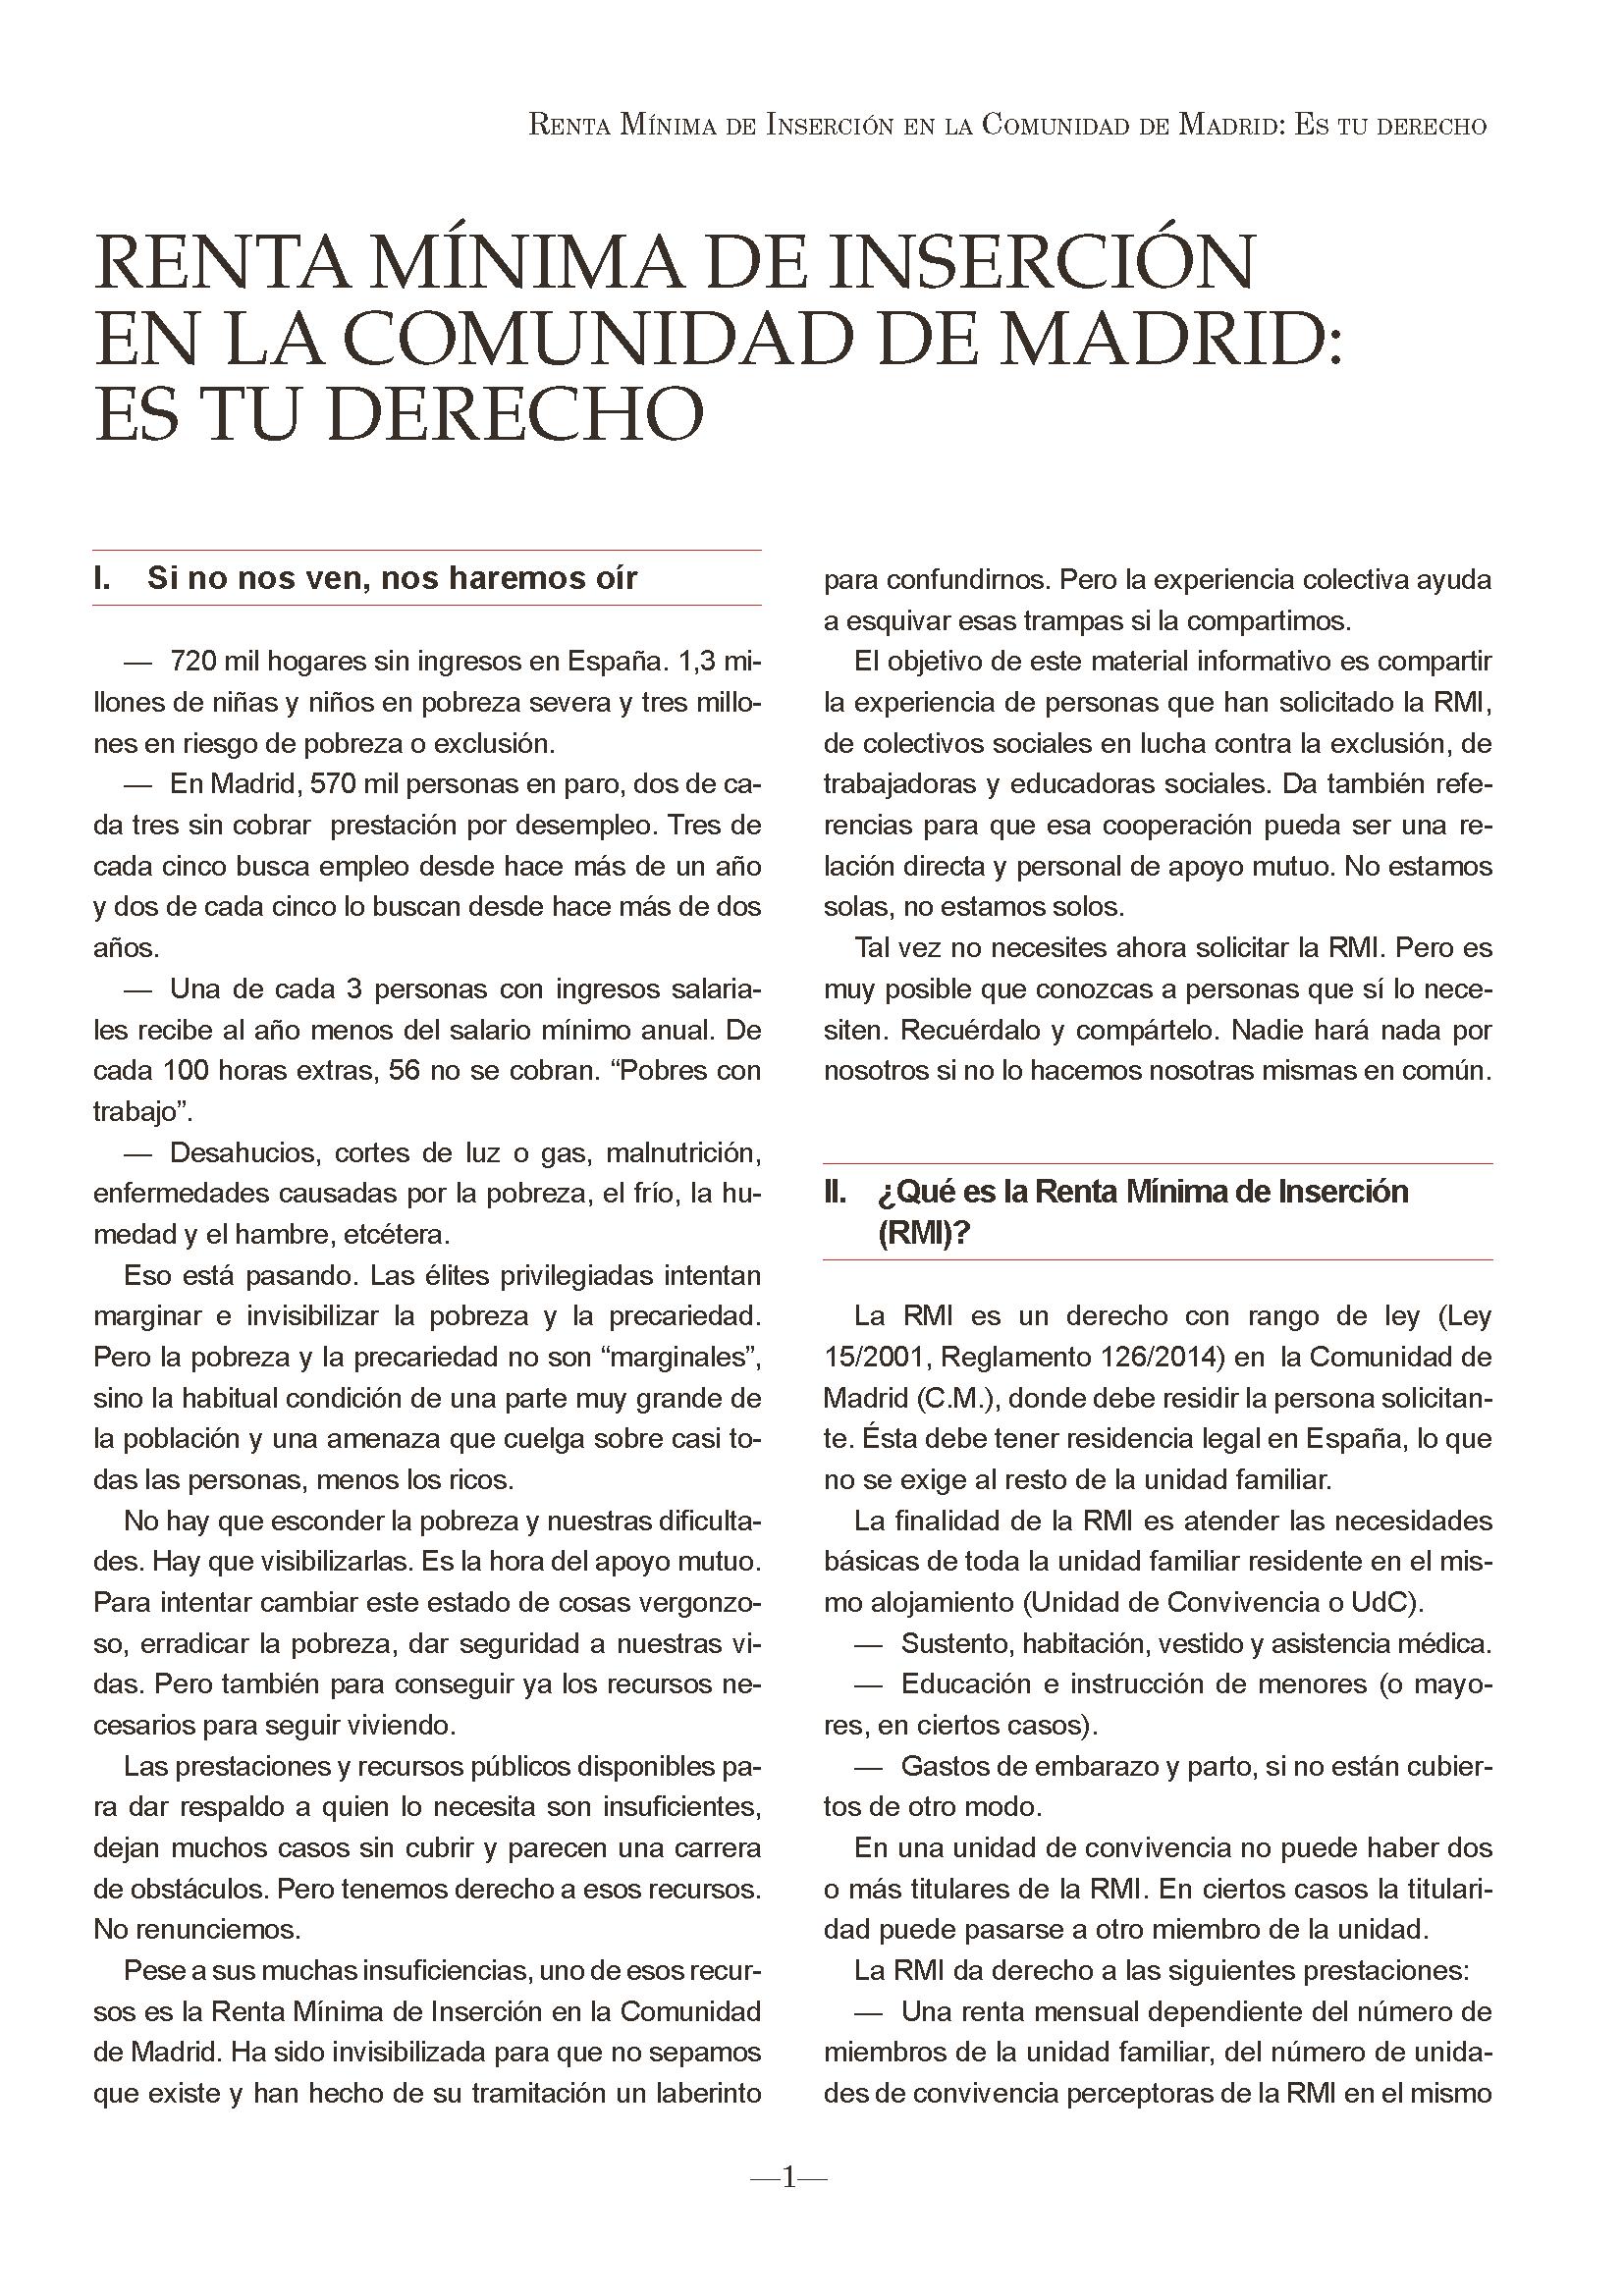 Documento consensuado